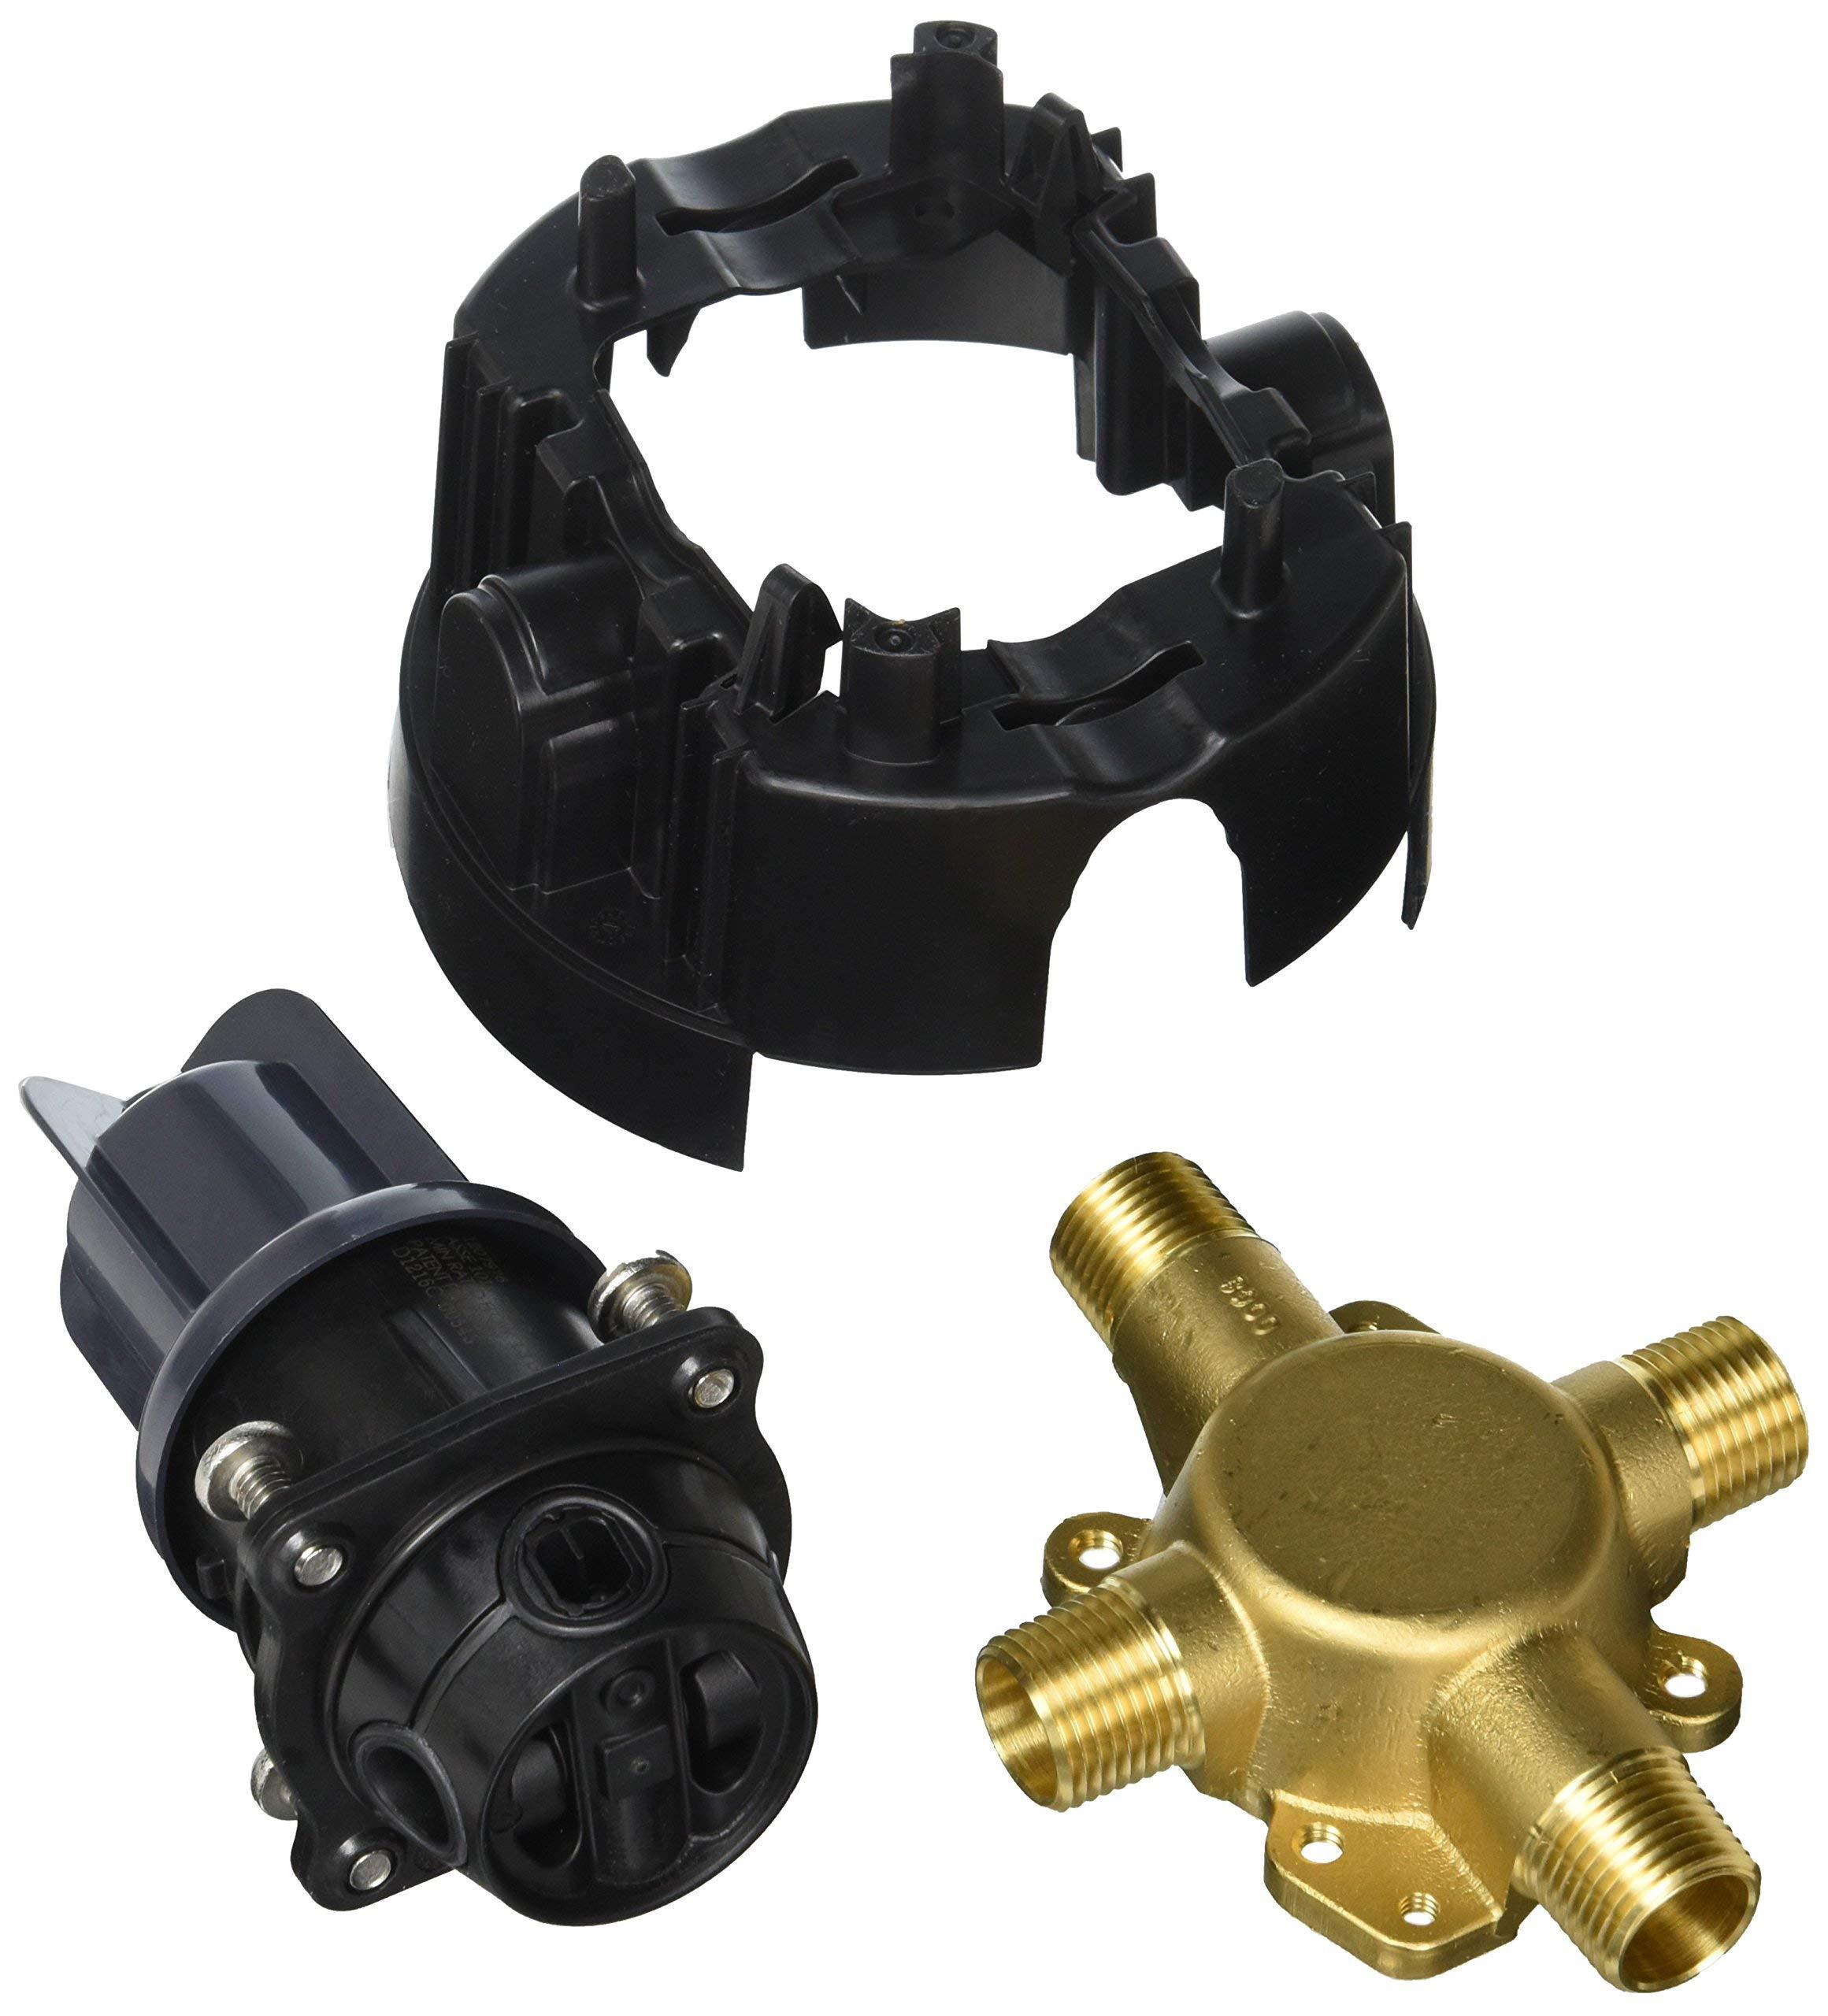 Kohler K-8304-K-NA Universal RITE-Temp PB pressure-balancing valve body and cartridge kit 6.25 5.25 5.50 (Renewed)